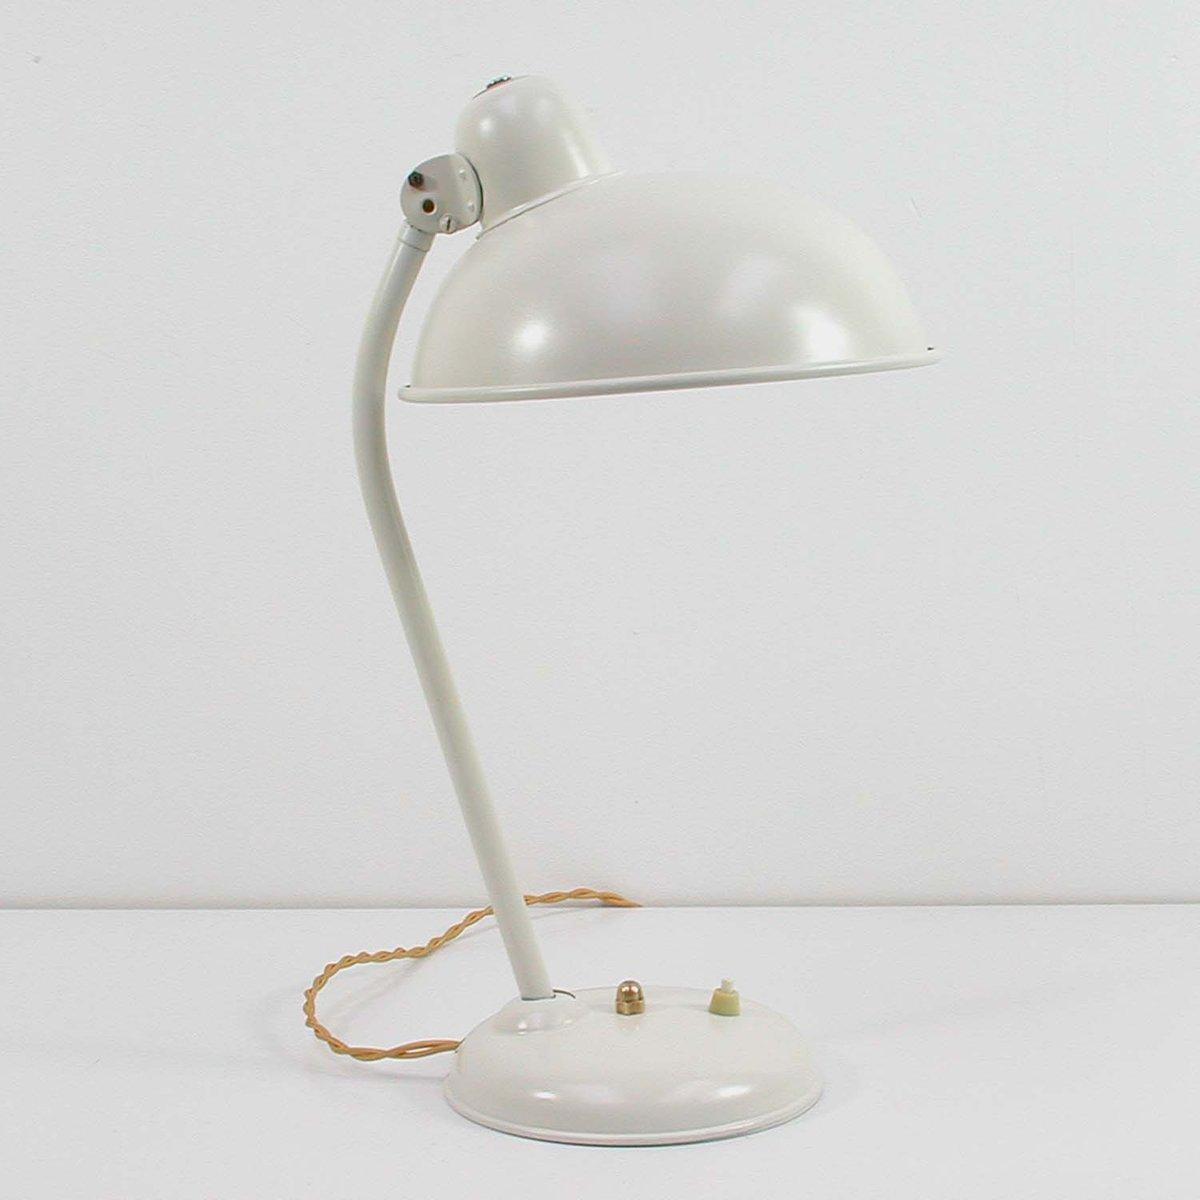 Industrielle Bauhaus Vintage Schreibtischlampe von Helo